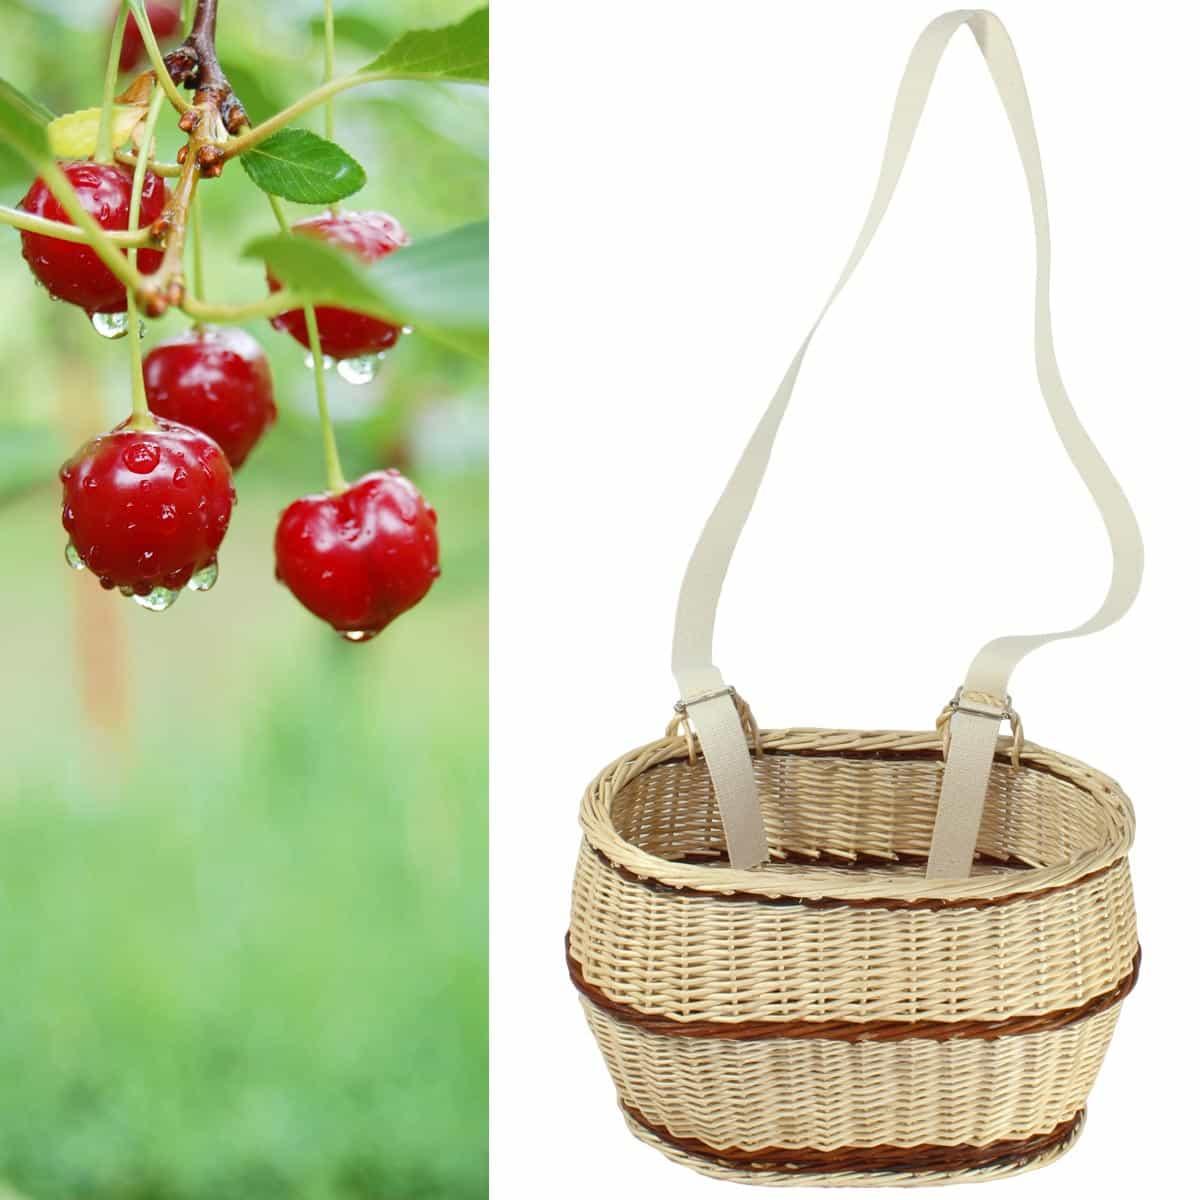 panier cueillette cerise et fruits en osier r colter les fruits. Black Bedroom Furniture Sets. Home Design Ideas